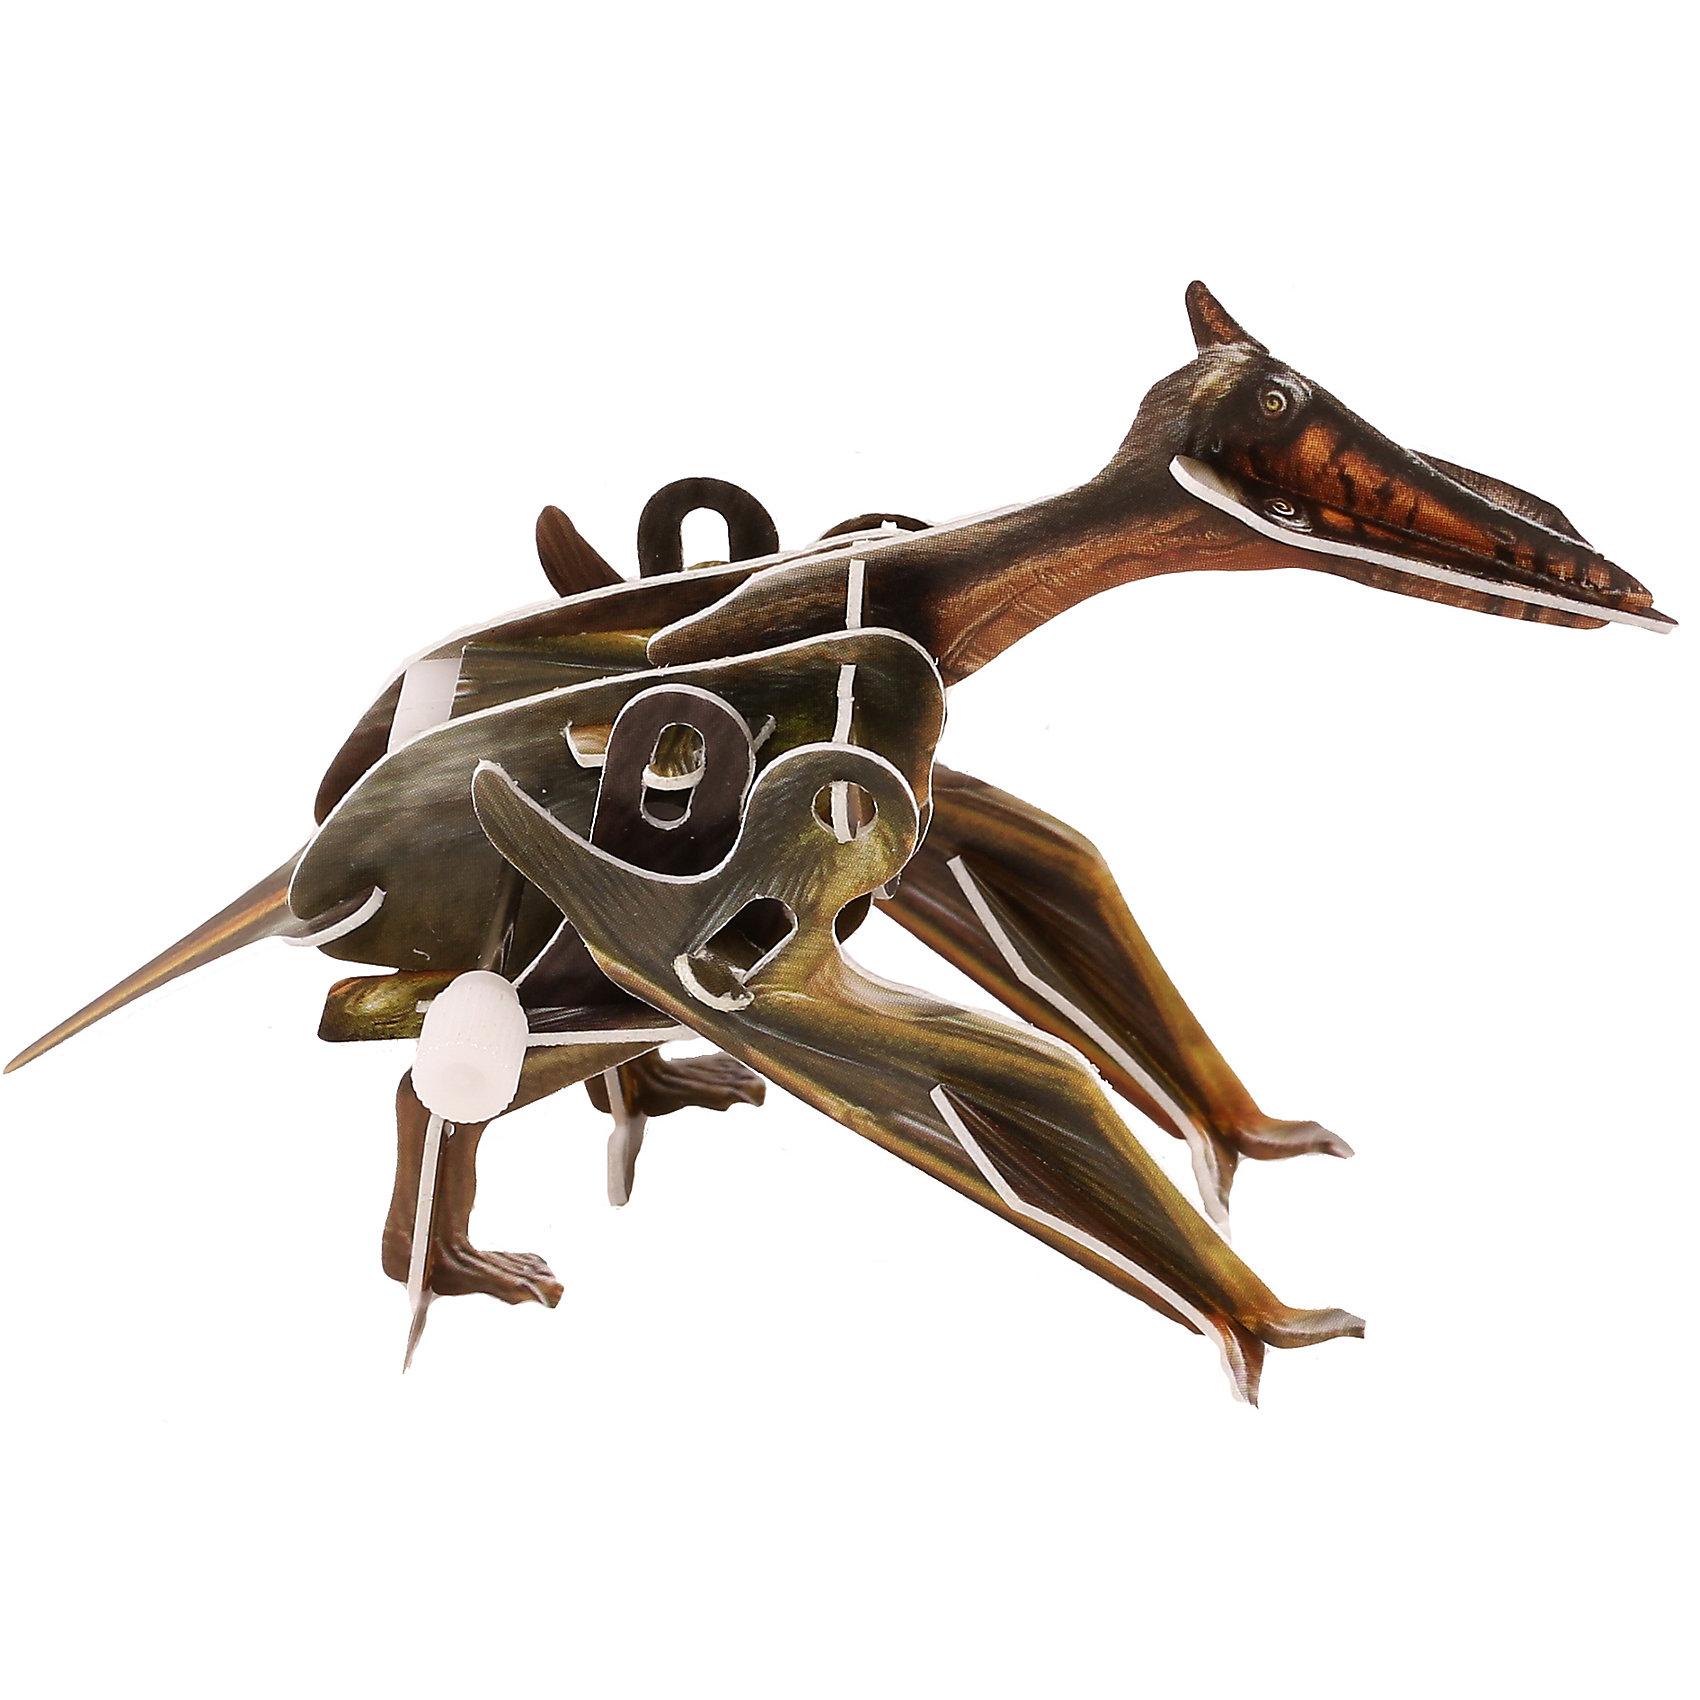 Конструктор – 3D пазл заводной: Птерозавр, UF3D пазлы<br>Процесс создания объемного пазла достаточно прост, но очень увлекателен. В процессе работы с головоломкой ребенку нужно будет соединить отдельные детали в объемную фигурку летающего динозавра птеранодона. Причем, сборка осуществляется без клея. Получившаяся фигурка имеет один интересный нюанс. Среди деталей имеется маленькая пластиковая коробочка с заводным механизмом. Благодаря ей получившаяся фигурка динозавра становится подвижной, и динозавр может ходить!<br><br>Ширина мм: 135<br>Глубина мм: 100<br>Высота мм: 25<br>Вес г: 47<br>Возраст от месяцев: 72<br>Возраст до месяцев: 1188<br>Пол: Унисекс<br>Возраст: Детский<br>SKU: 5516773